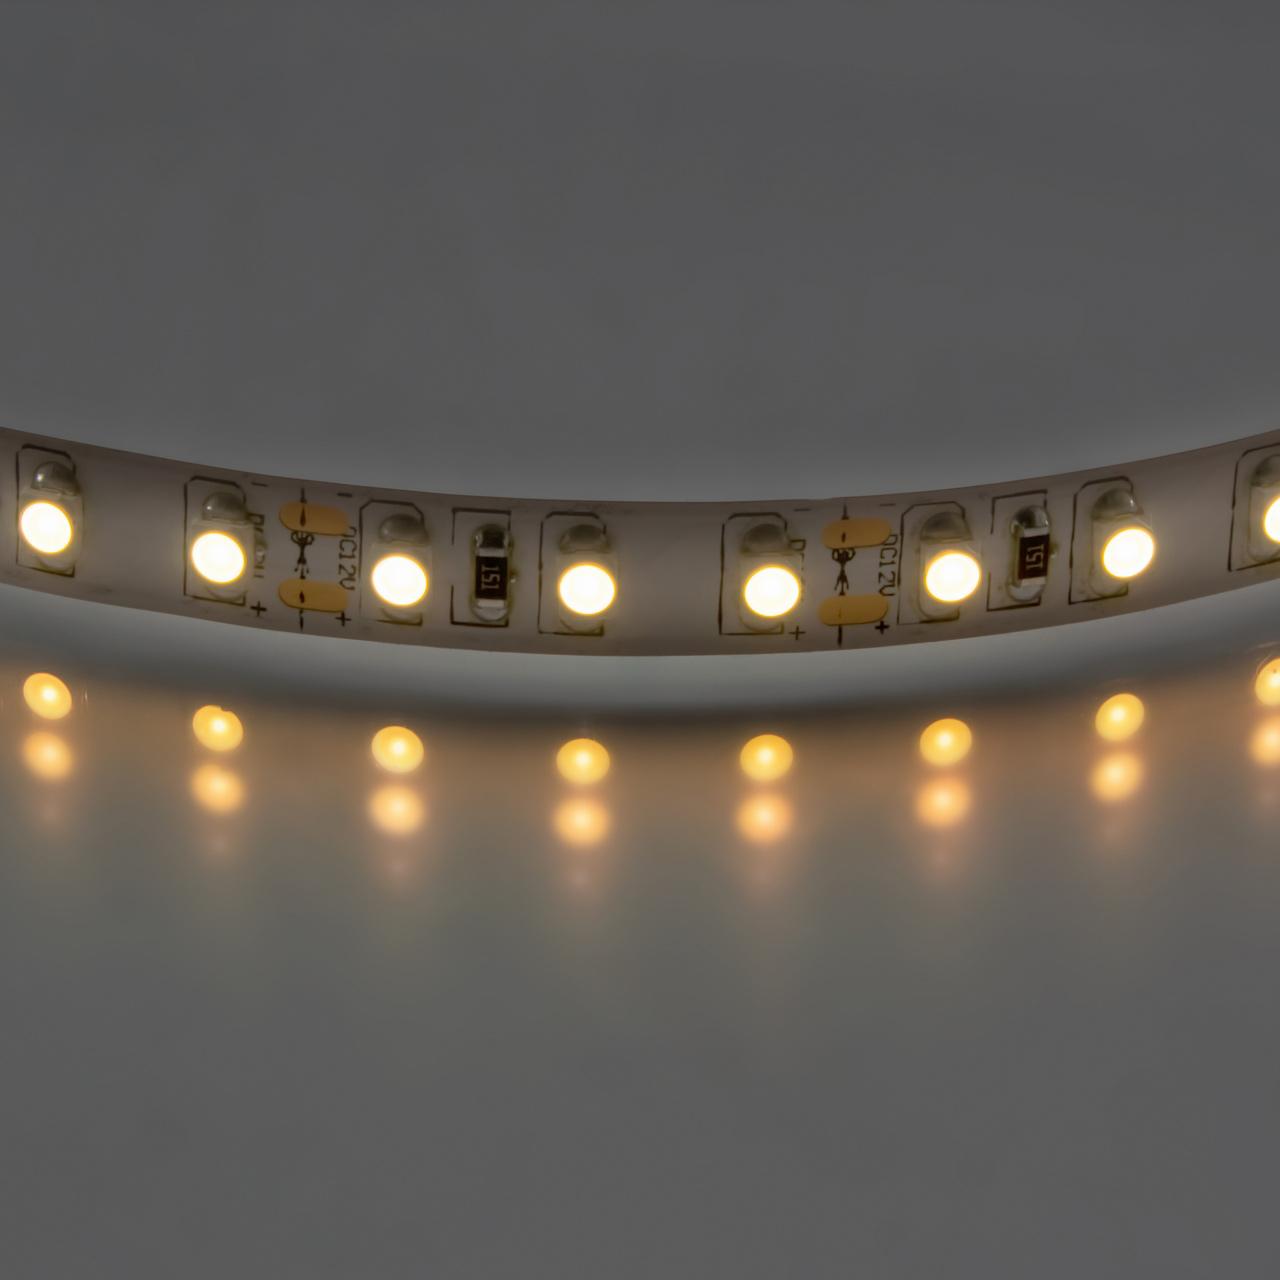 Лента 3528 LED 12V 9.6W IP20 2700K-3000K 200m теплый белый свет Lightstar 400012